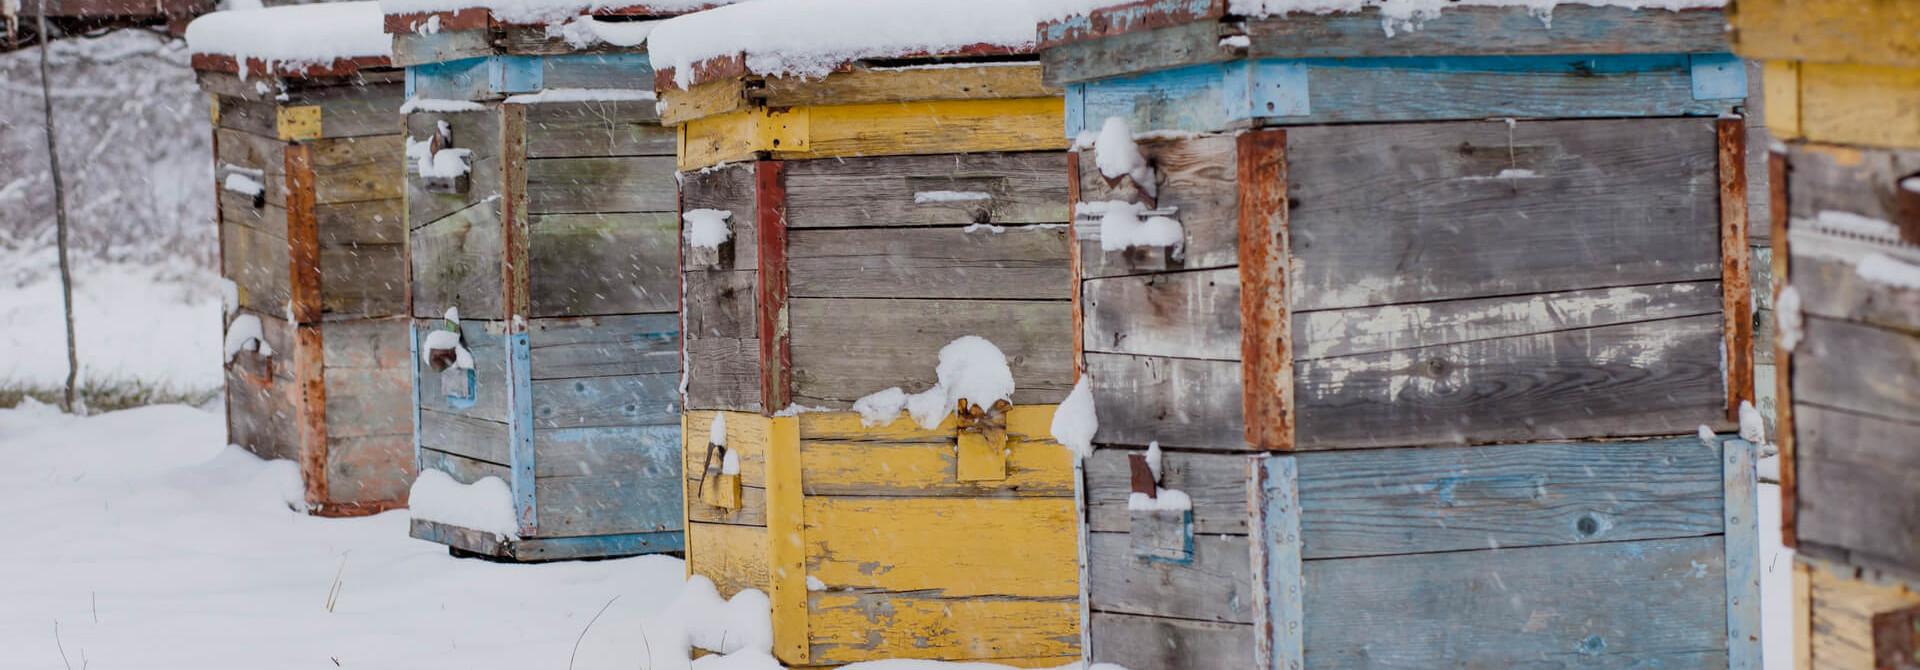 Kan ik een bijenkast zomaar verplaatsen?